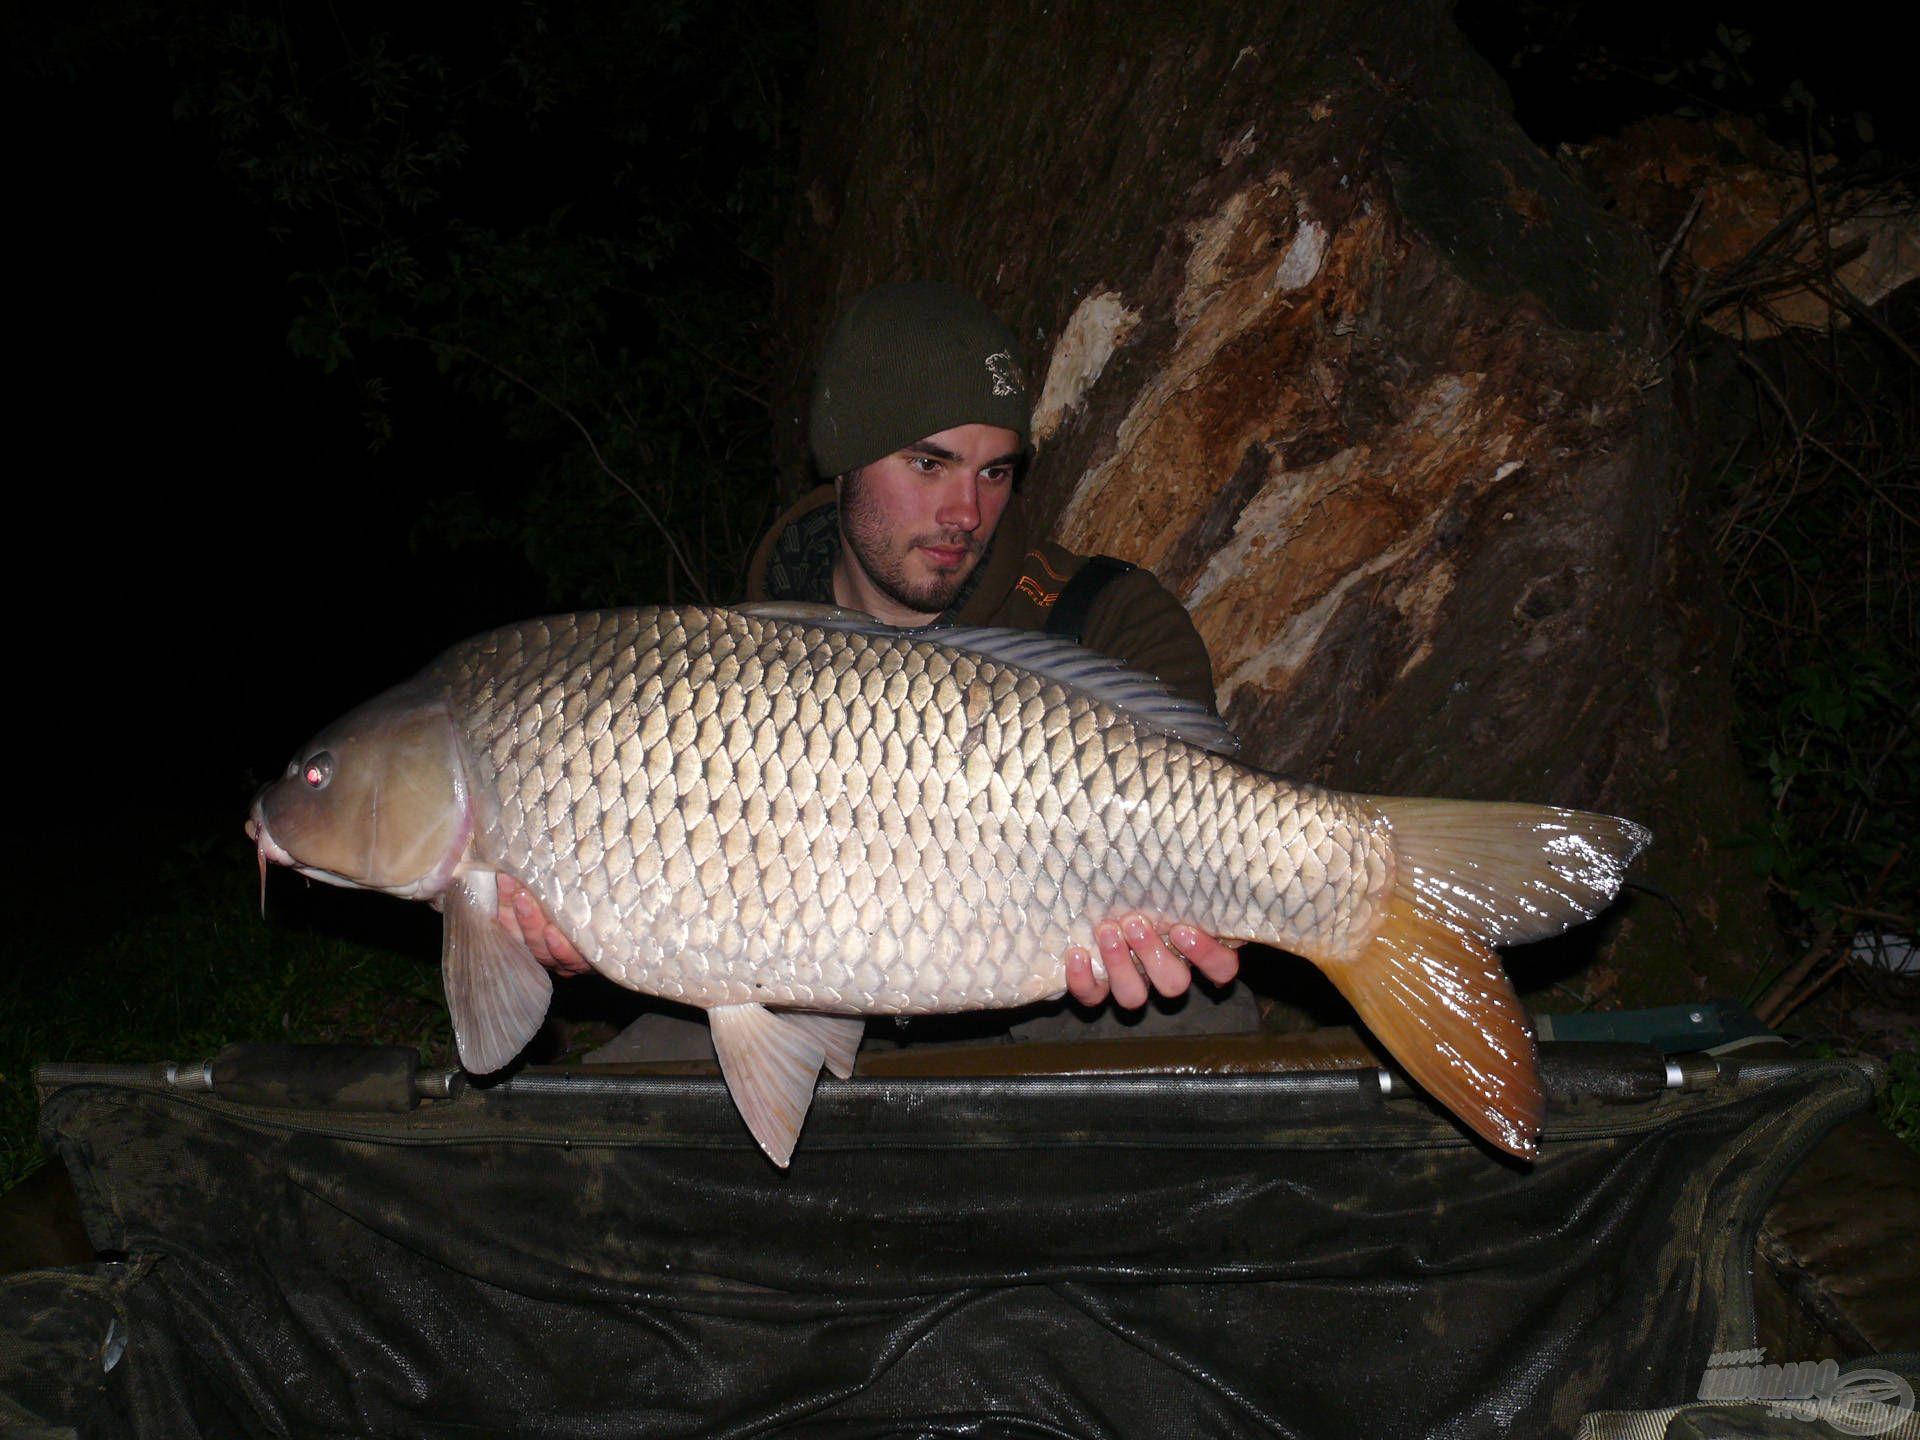 Éjszaka a halak ismét táplálkozni kezdtek